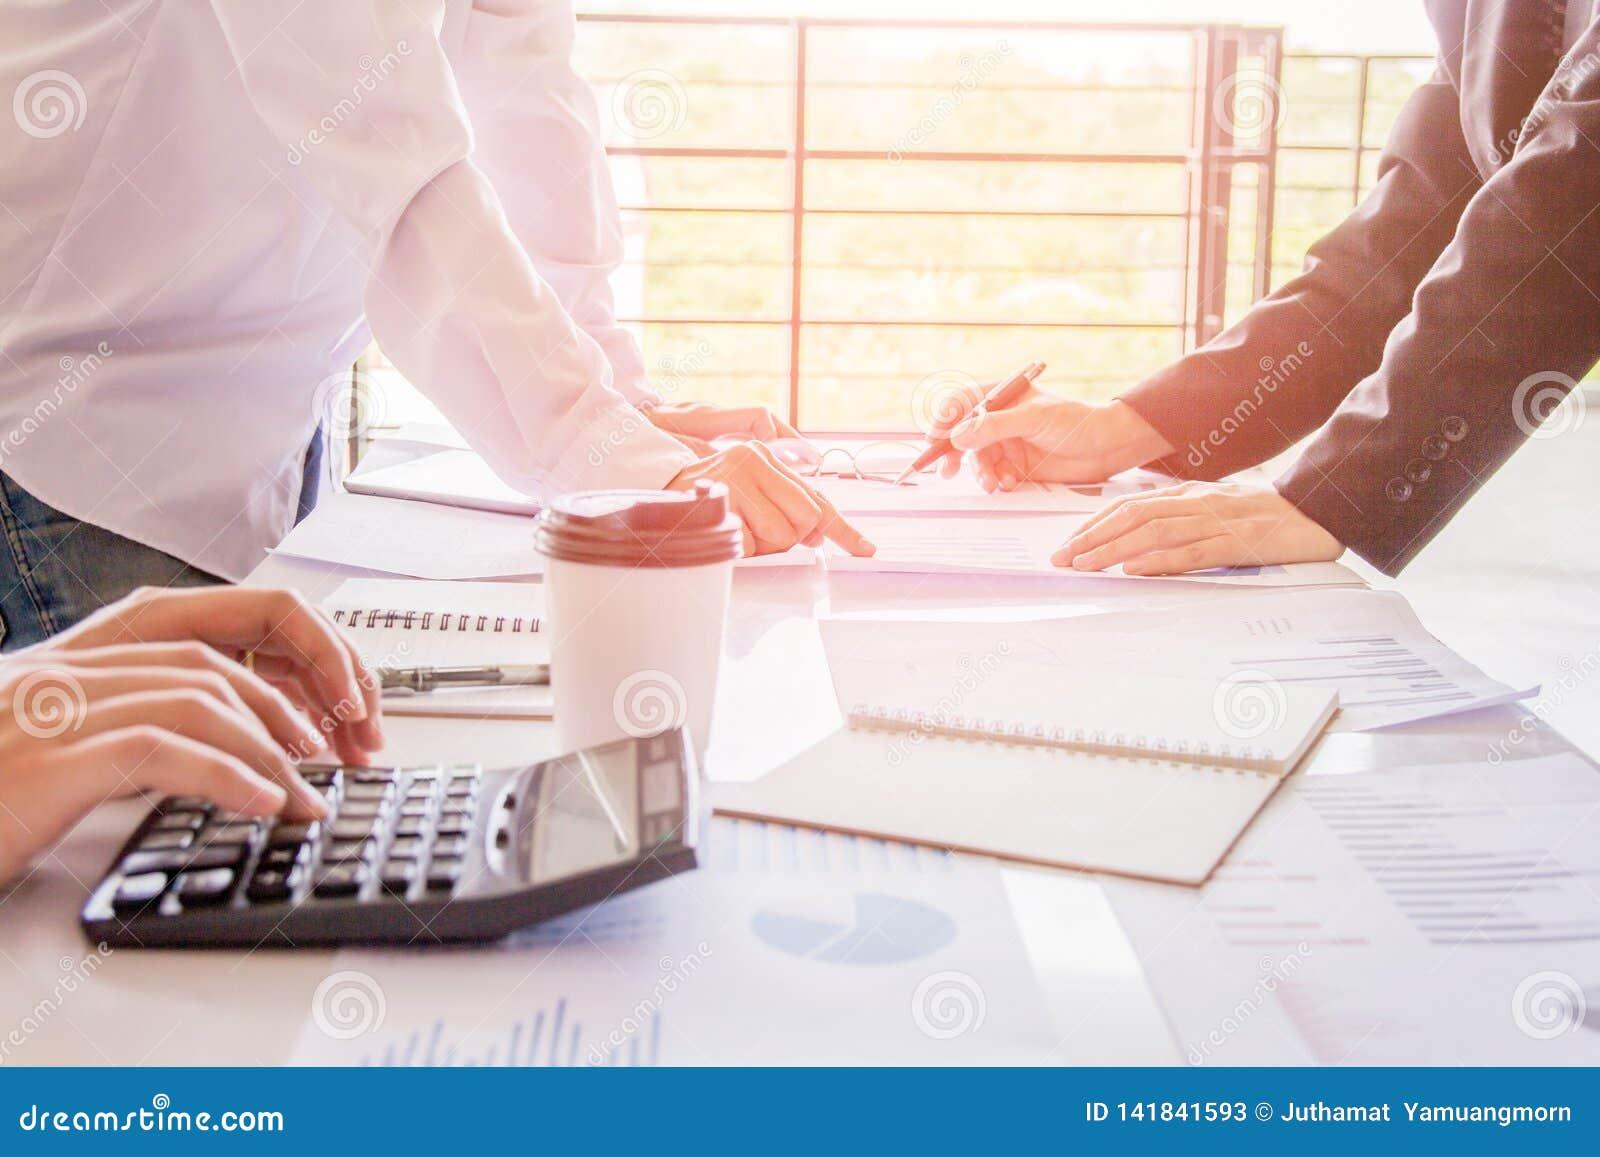 Homem da mão que faz finanças e para calcular sobre o bônus no escritório